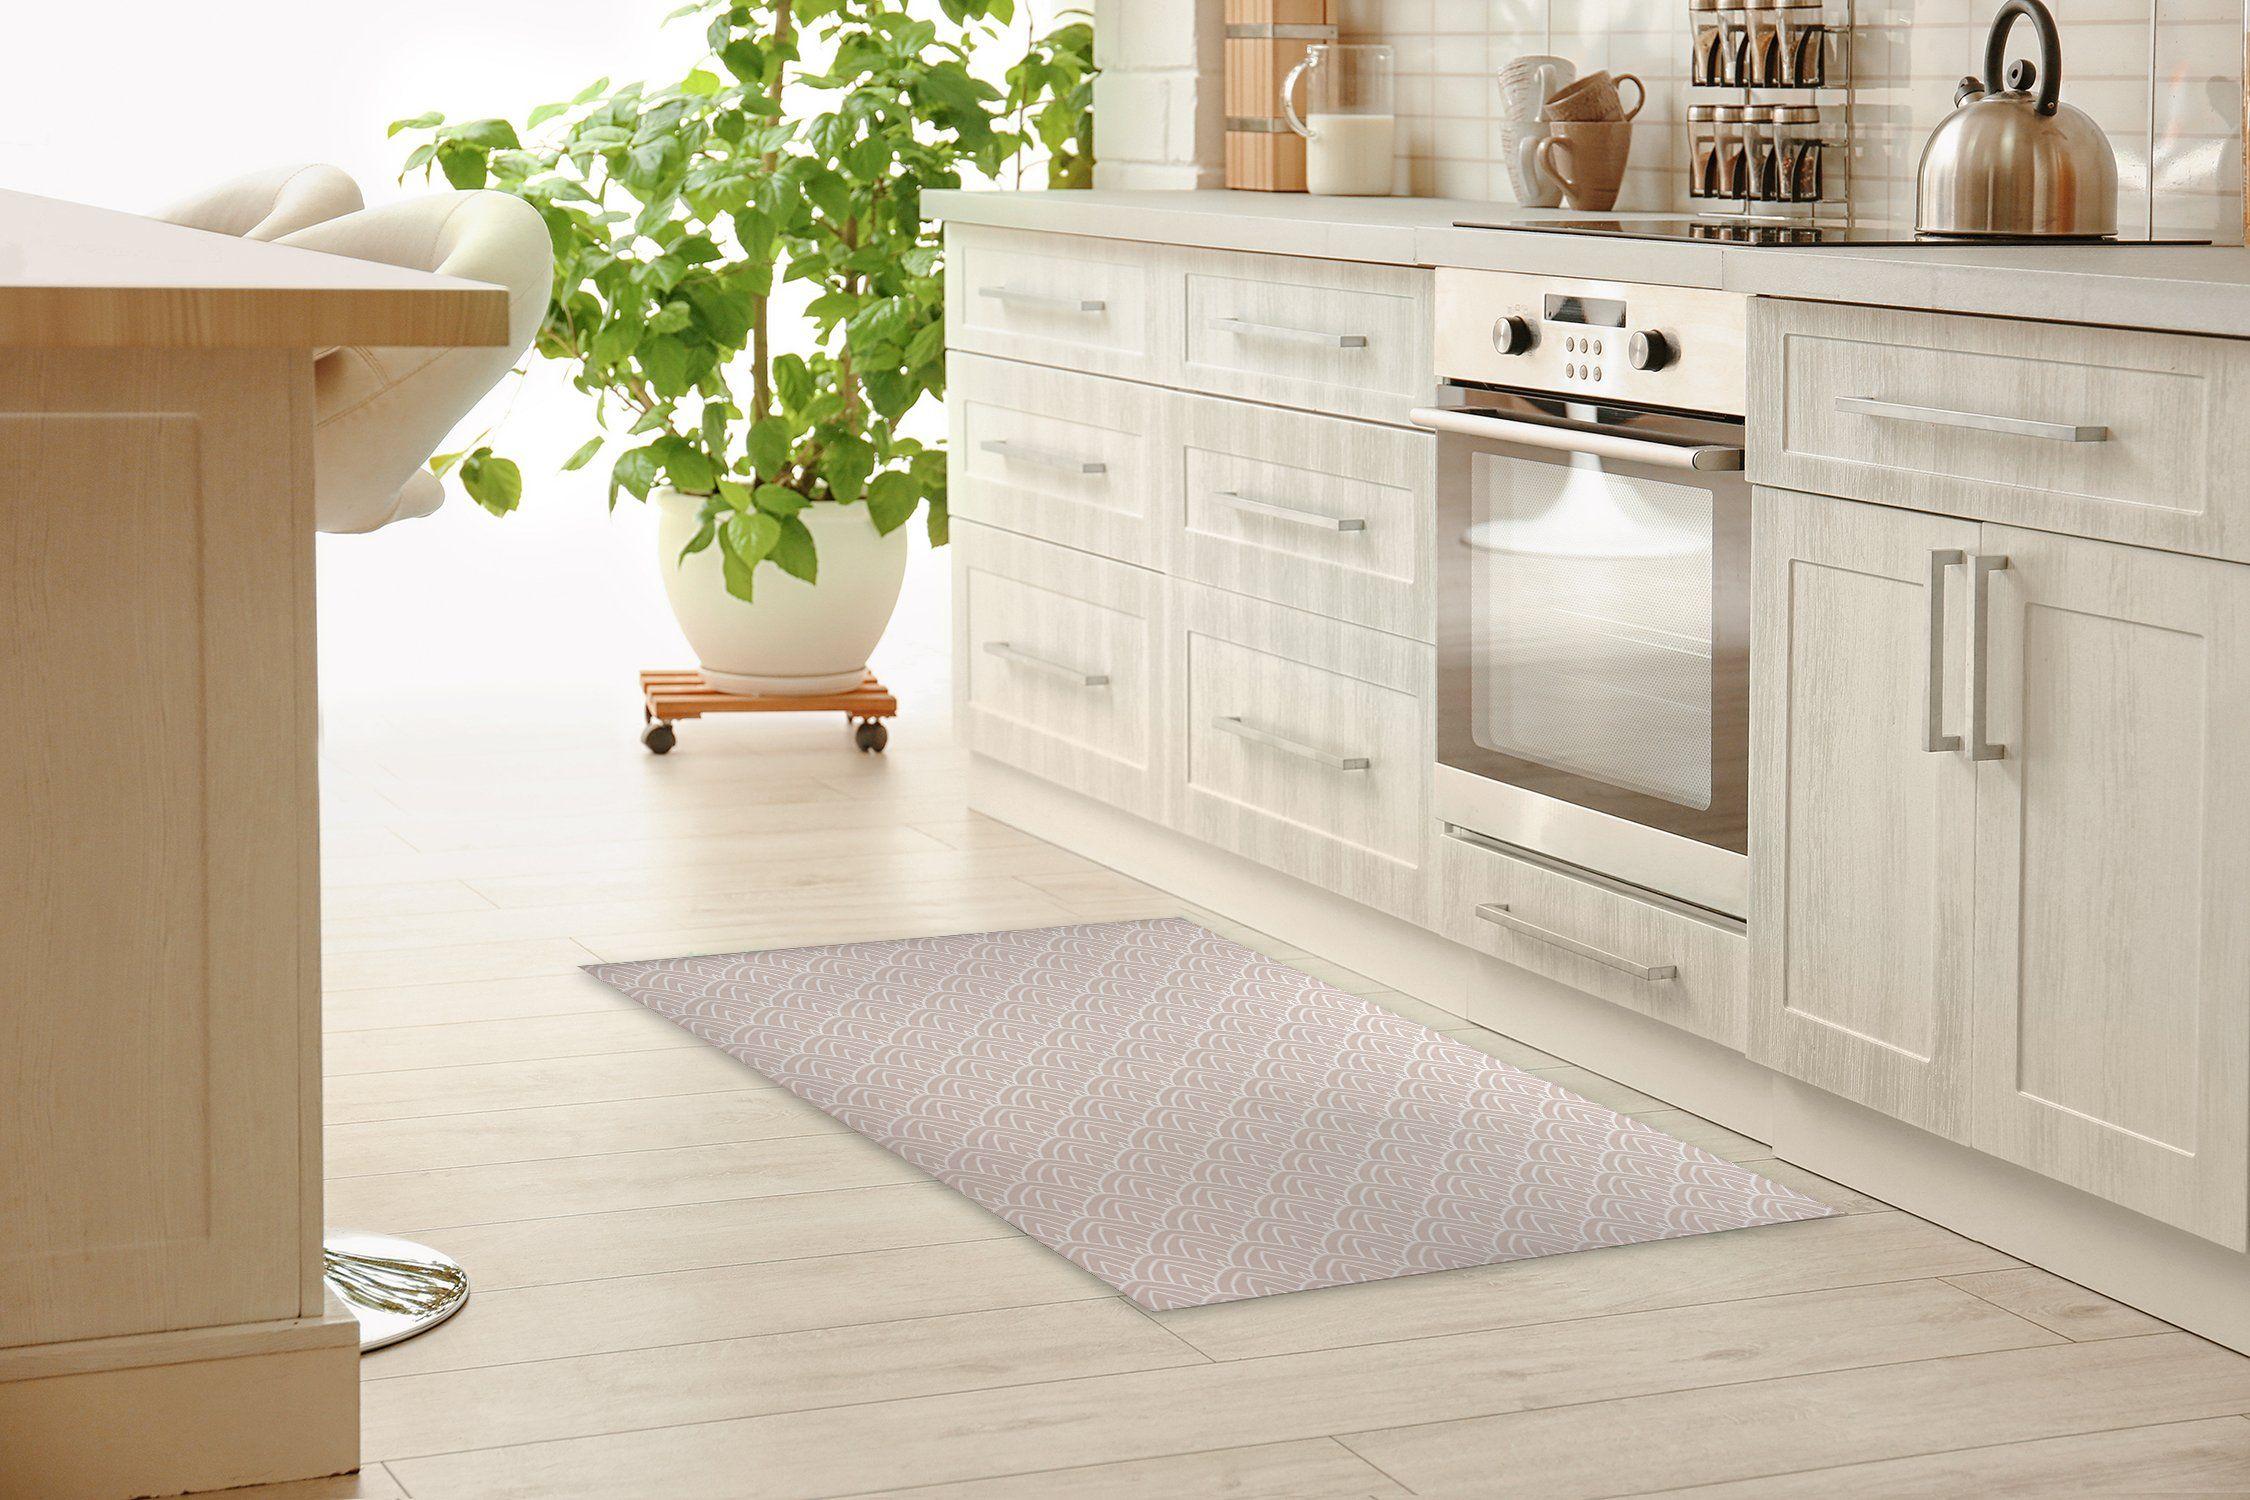 SALON NEUTRAL Kitchen Mat By Becky Bailey - 2ft x 3ft